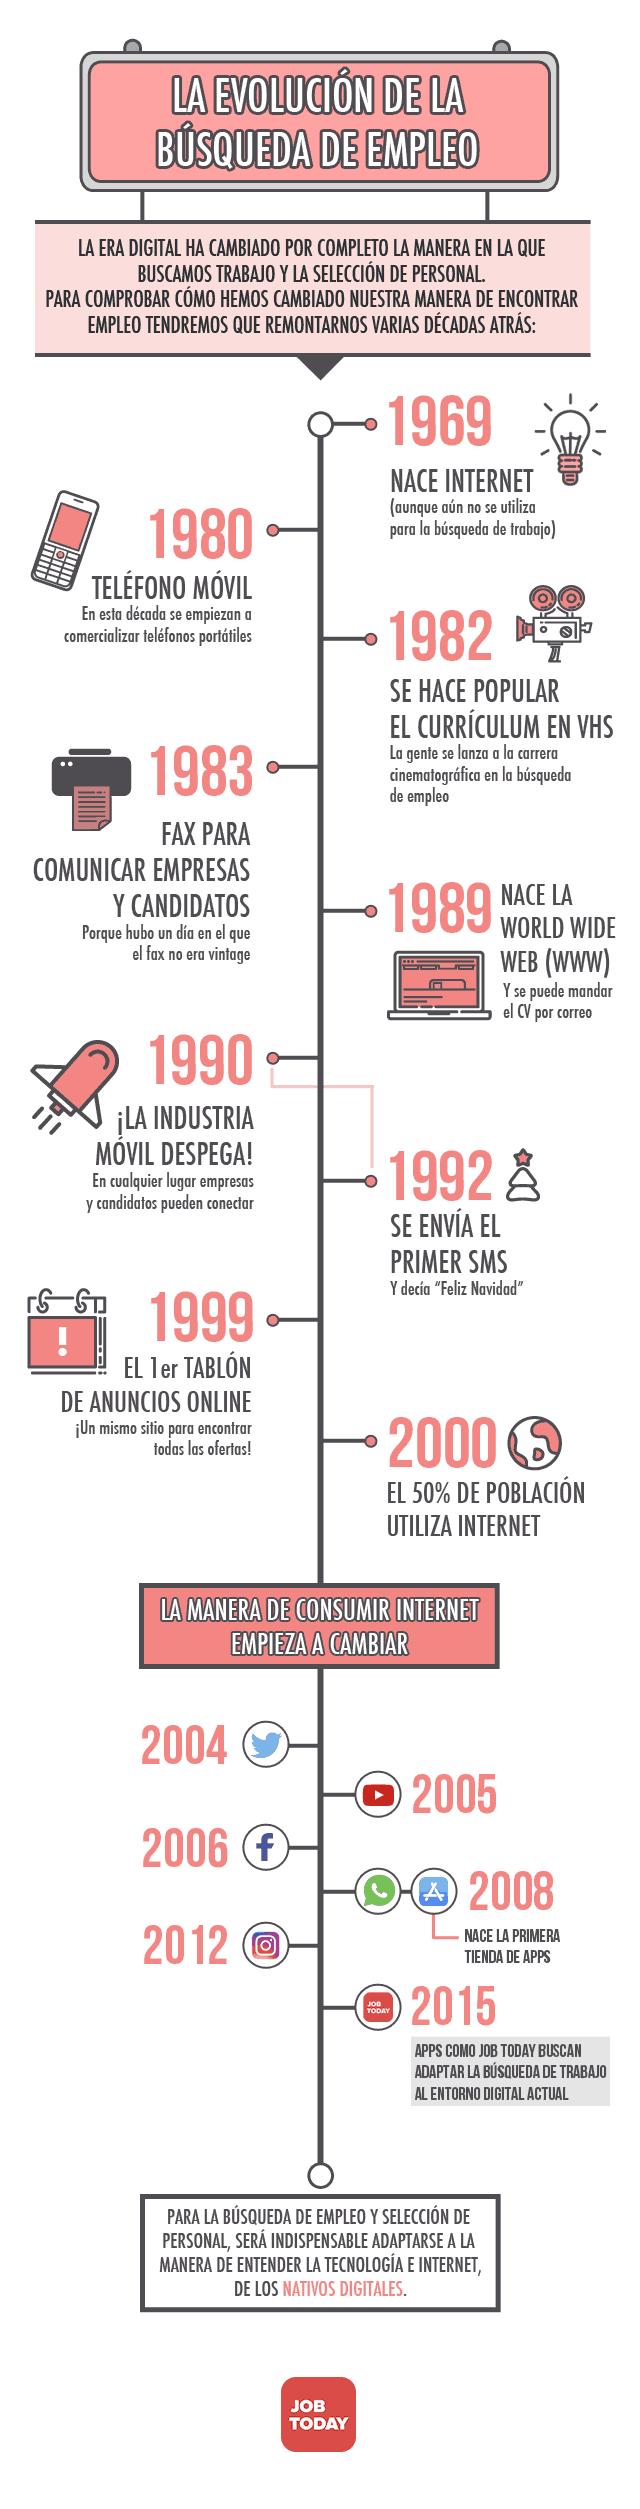 Pin En Infografías En Castellano